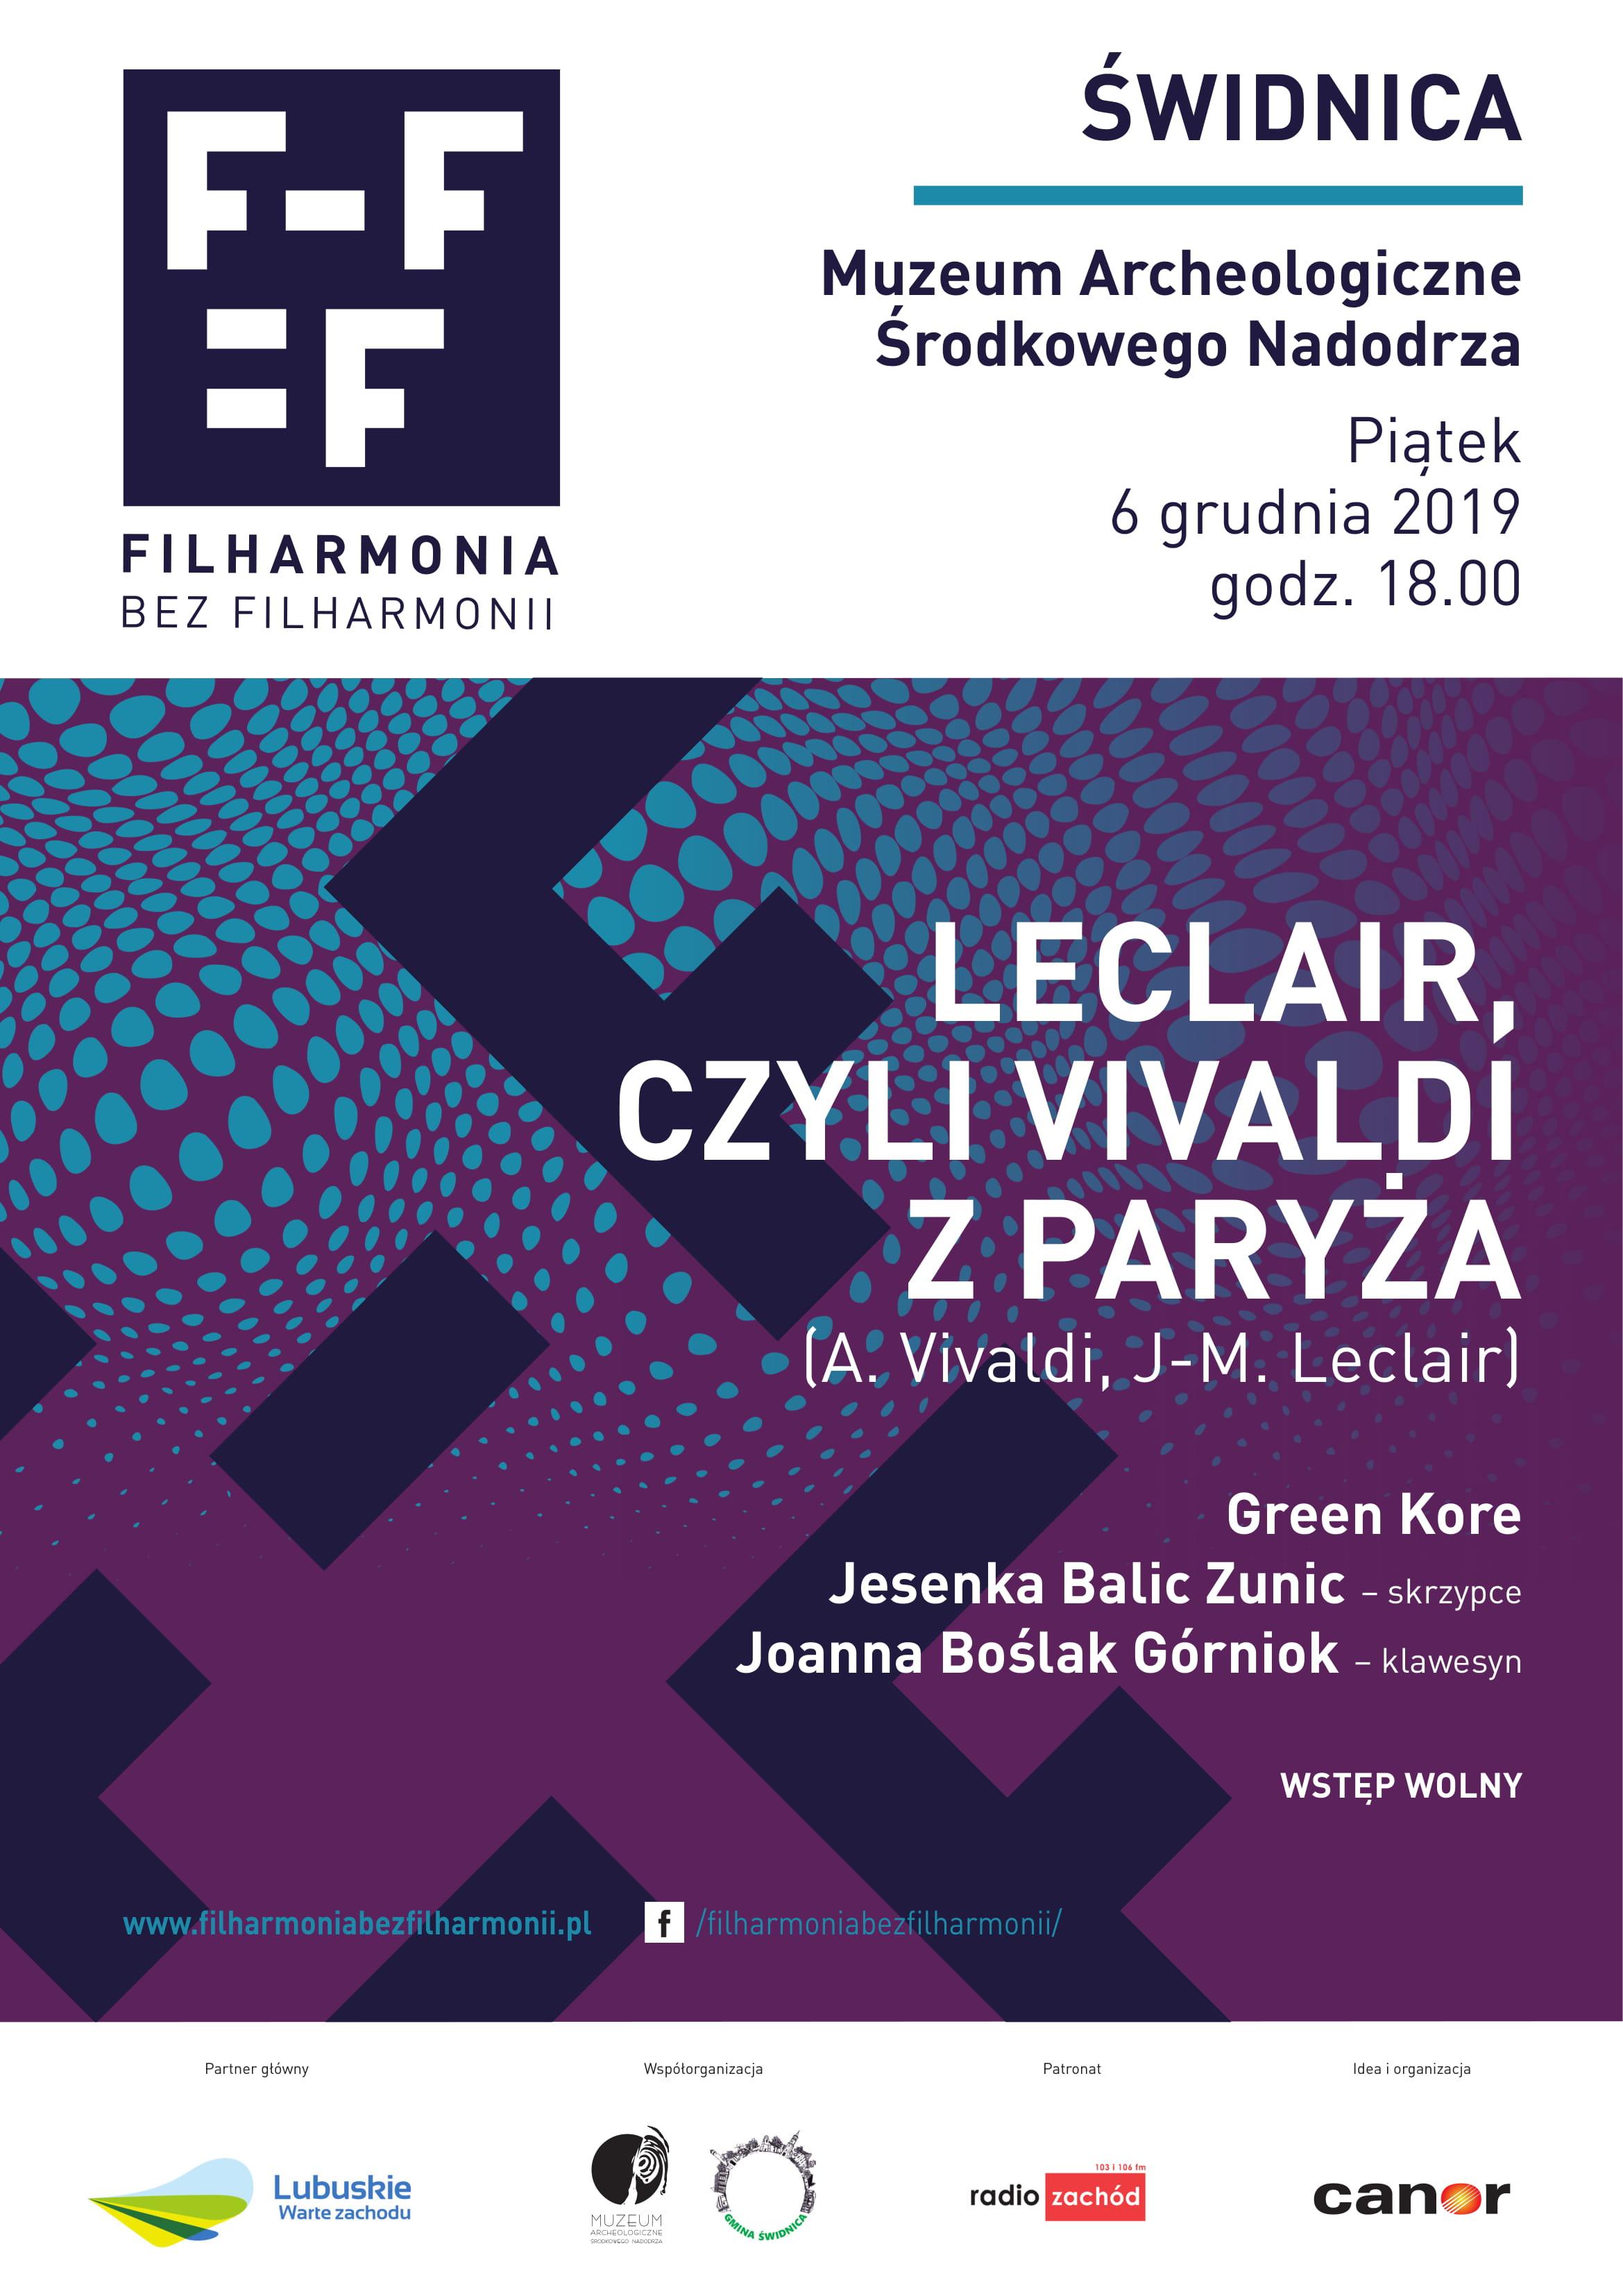 Ilustracja do informacji: Filharmonia bez Filharmonii w Świdnicy